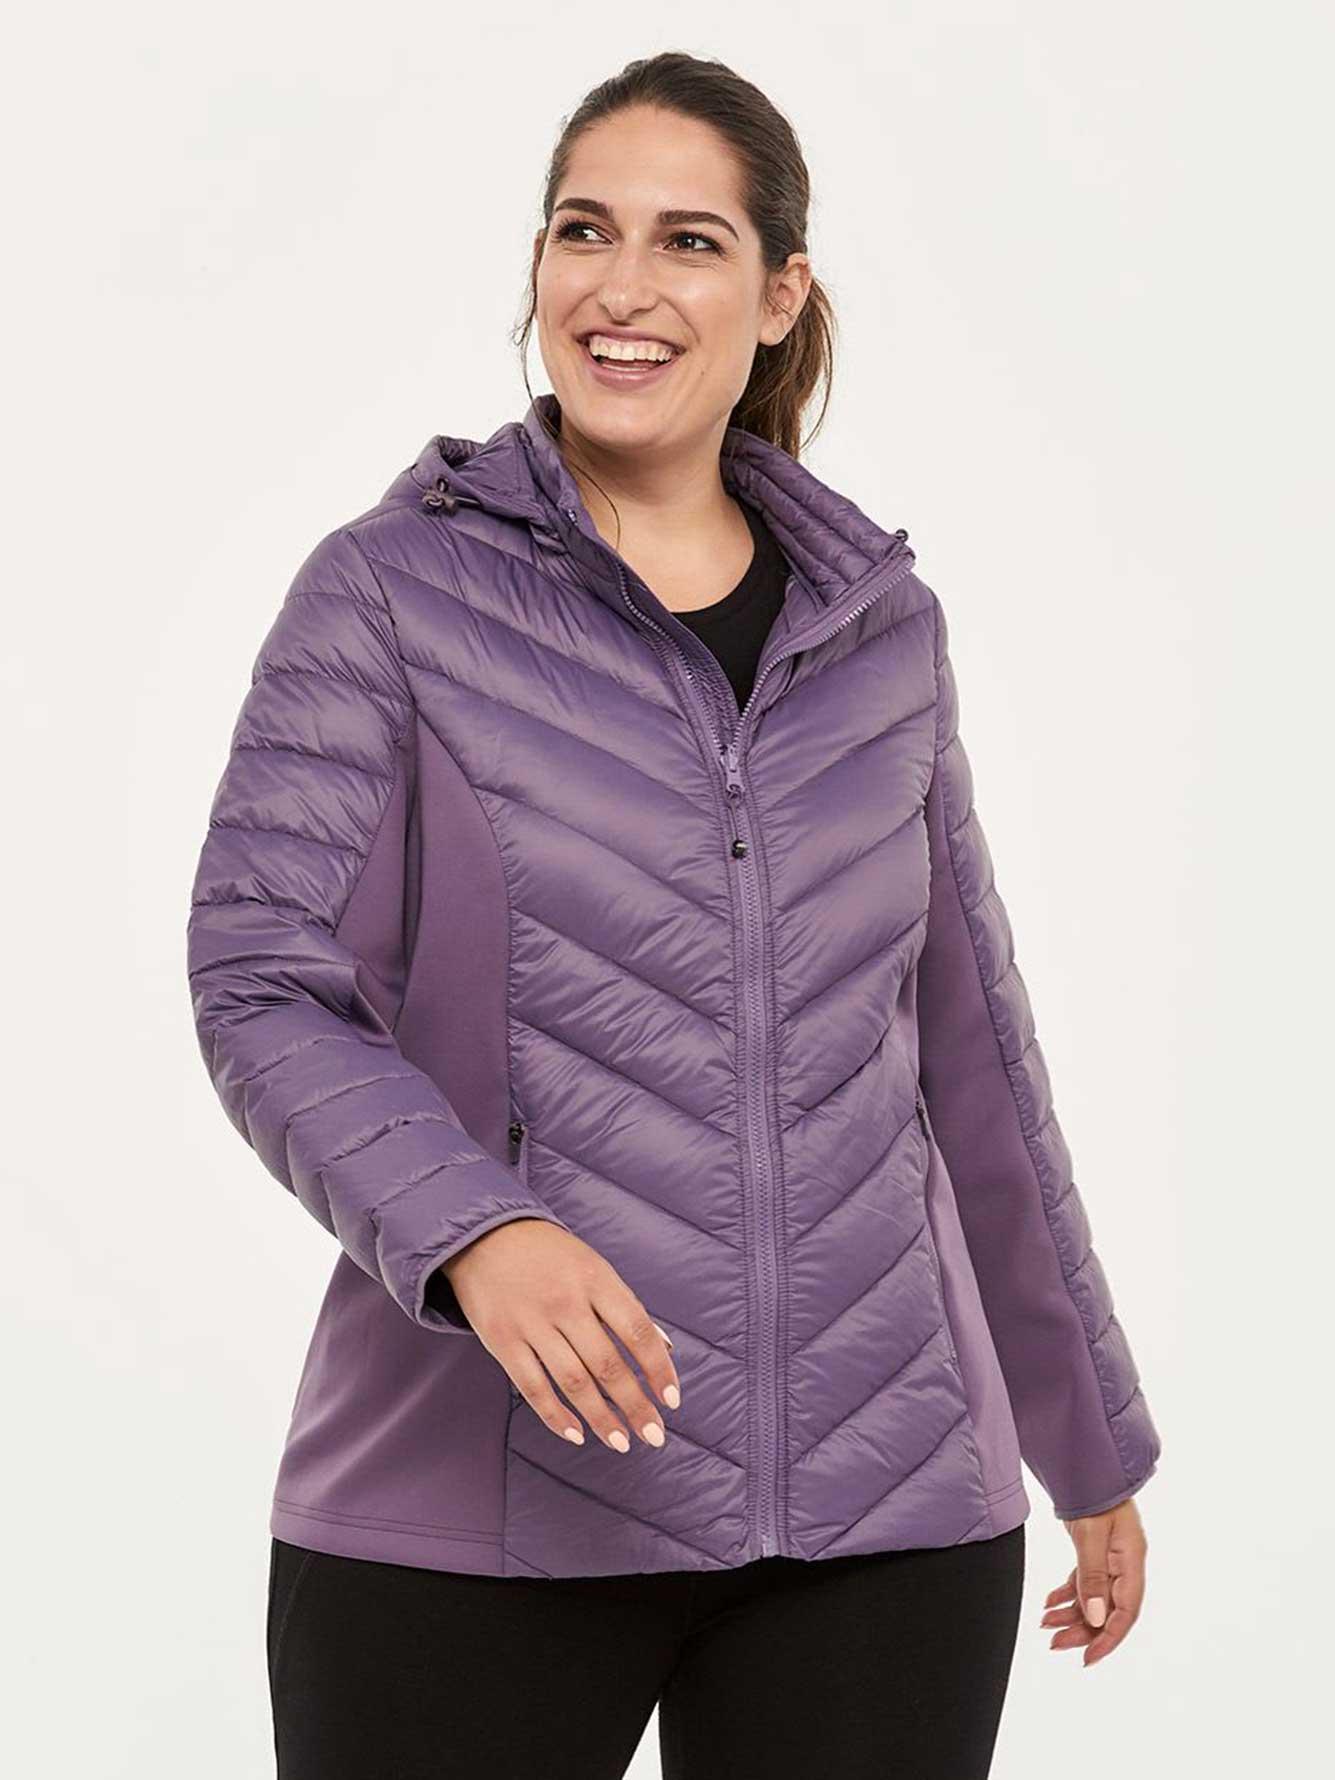 eba1d54b5dcc9 Short Packable Plus Size Hooded Jacket - ActiveZone